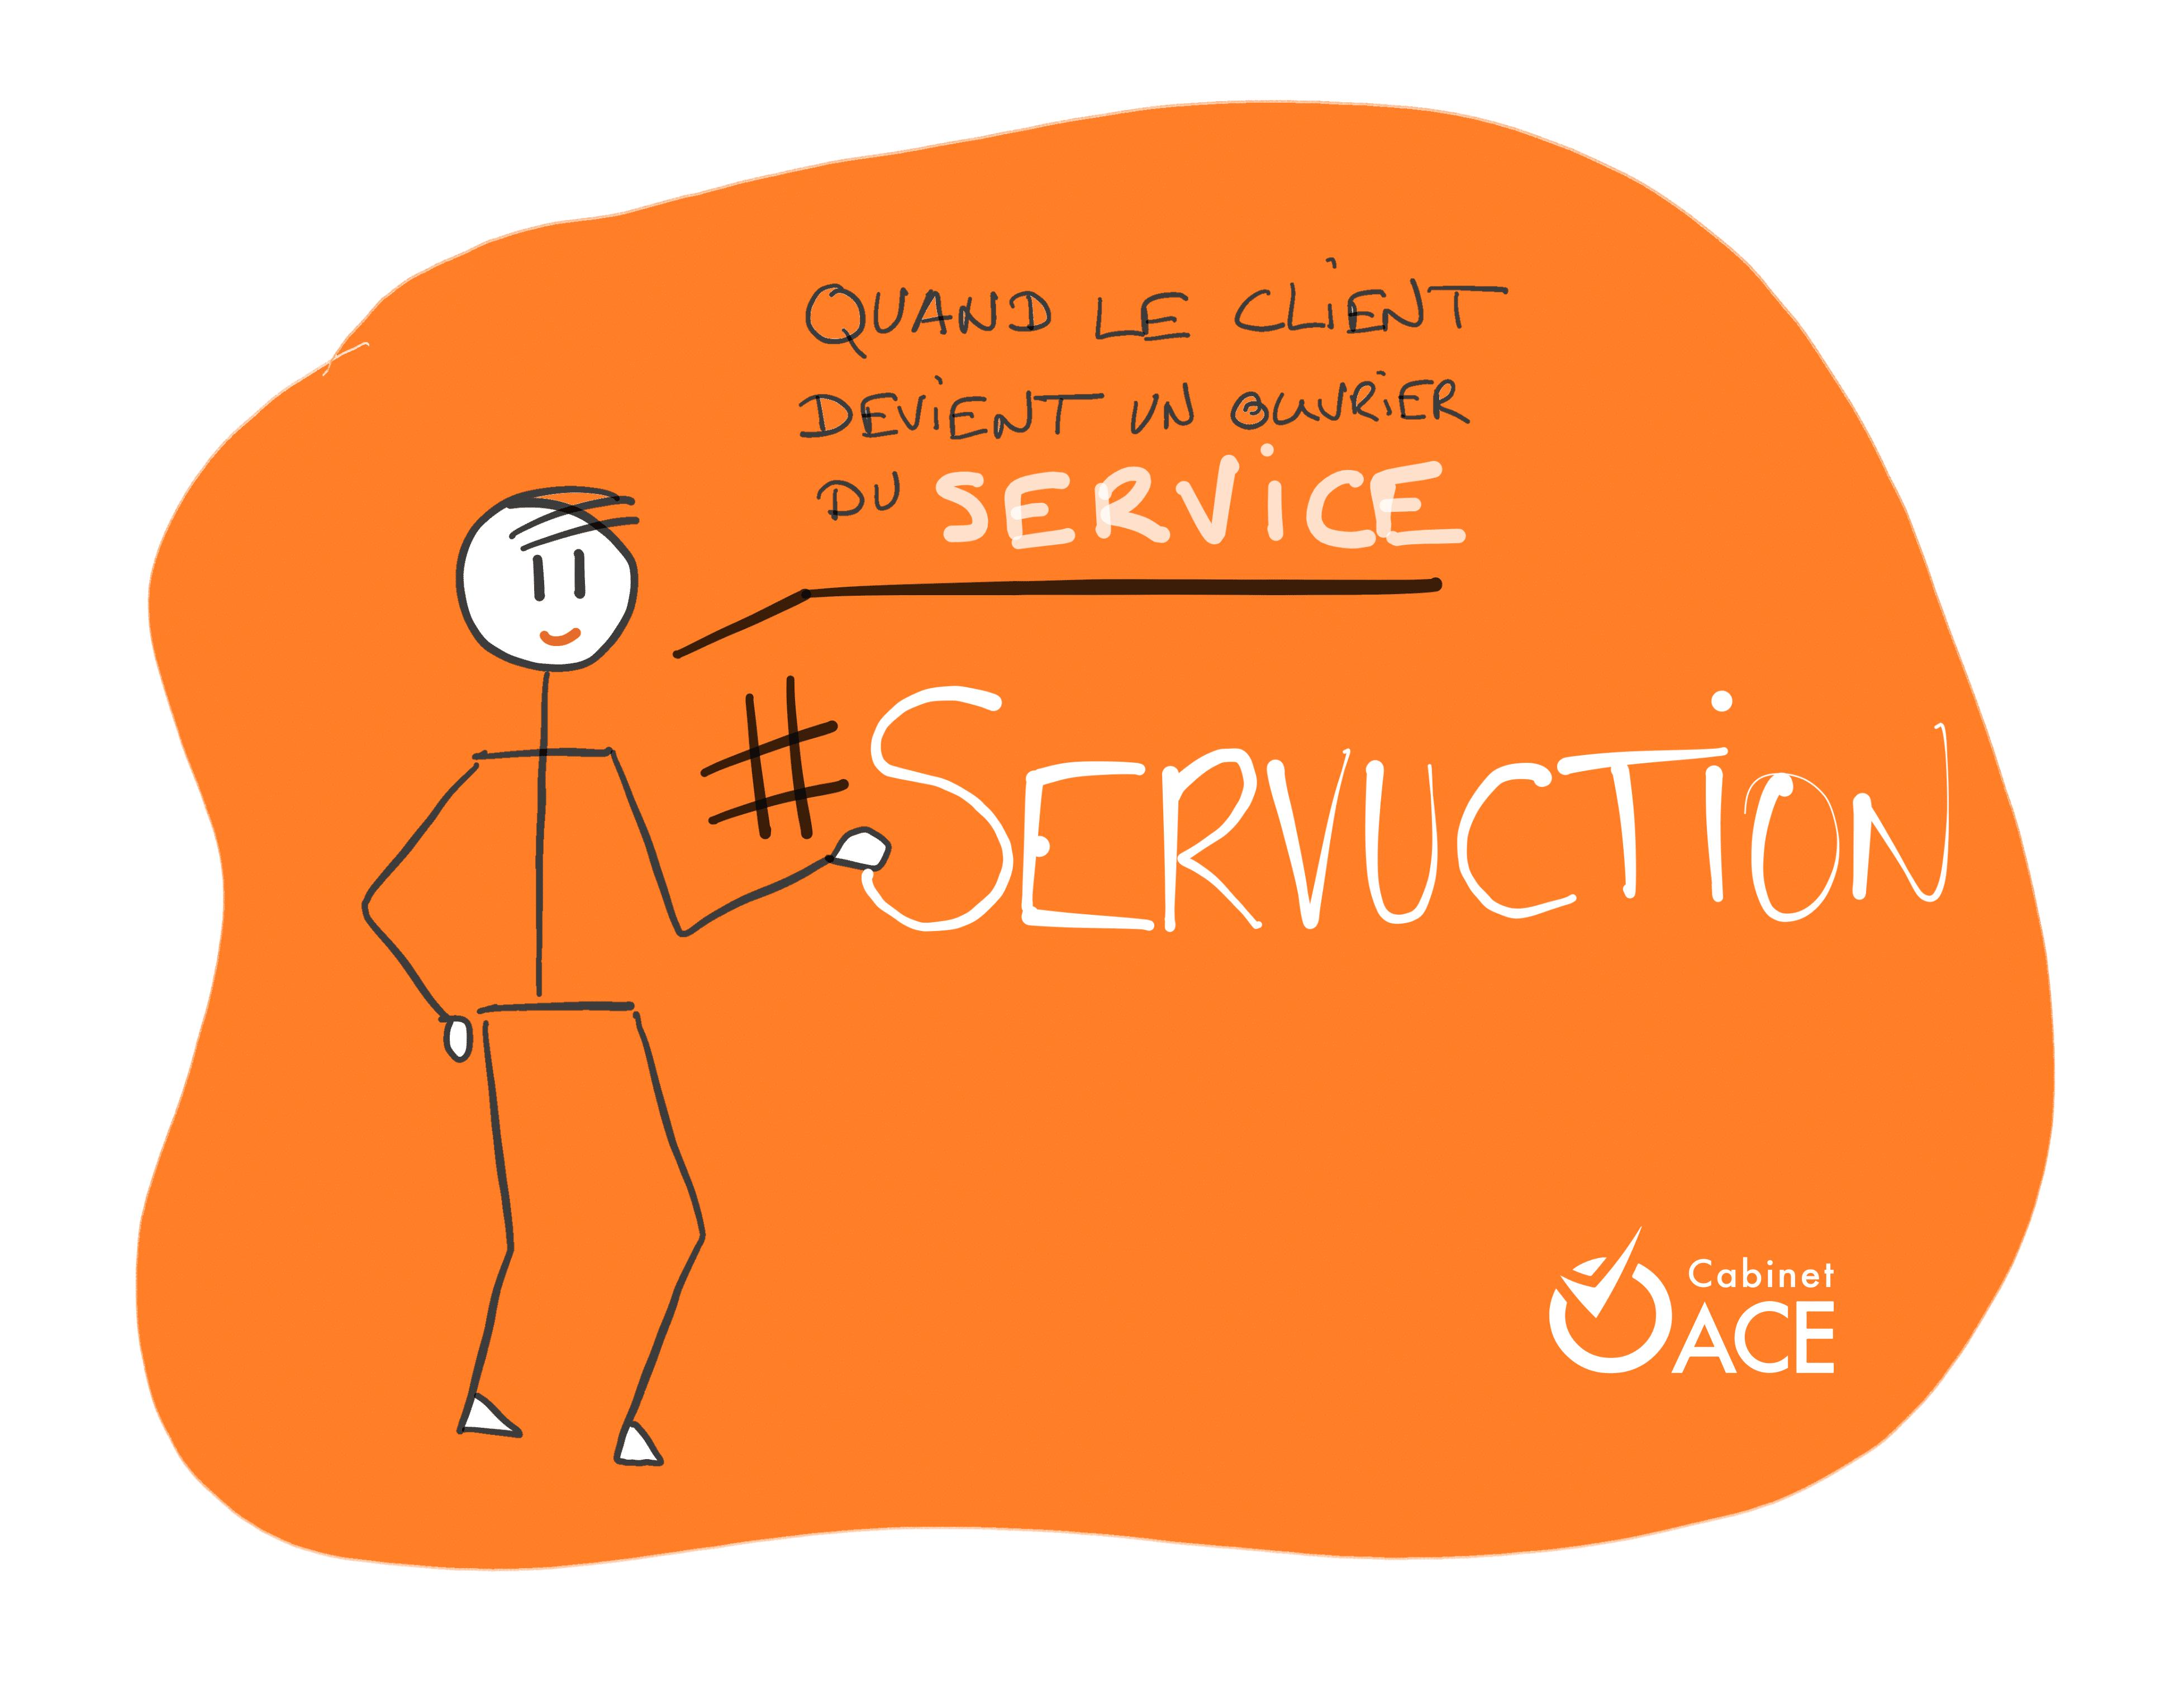 servuction management du client ouvrier du service